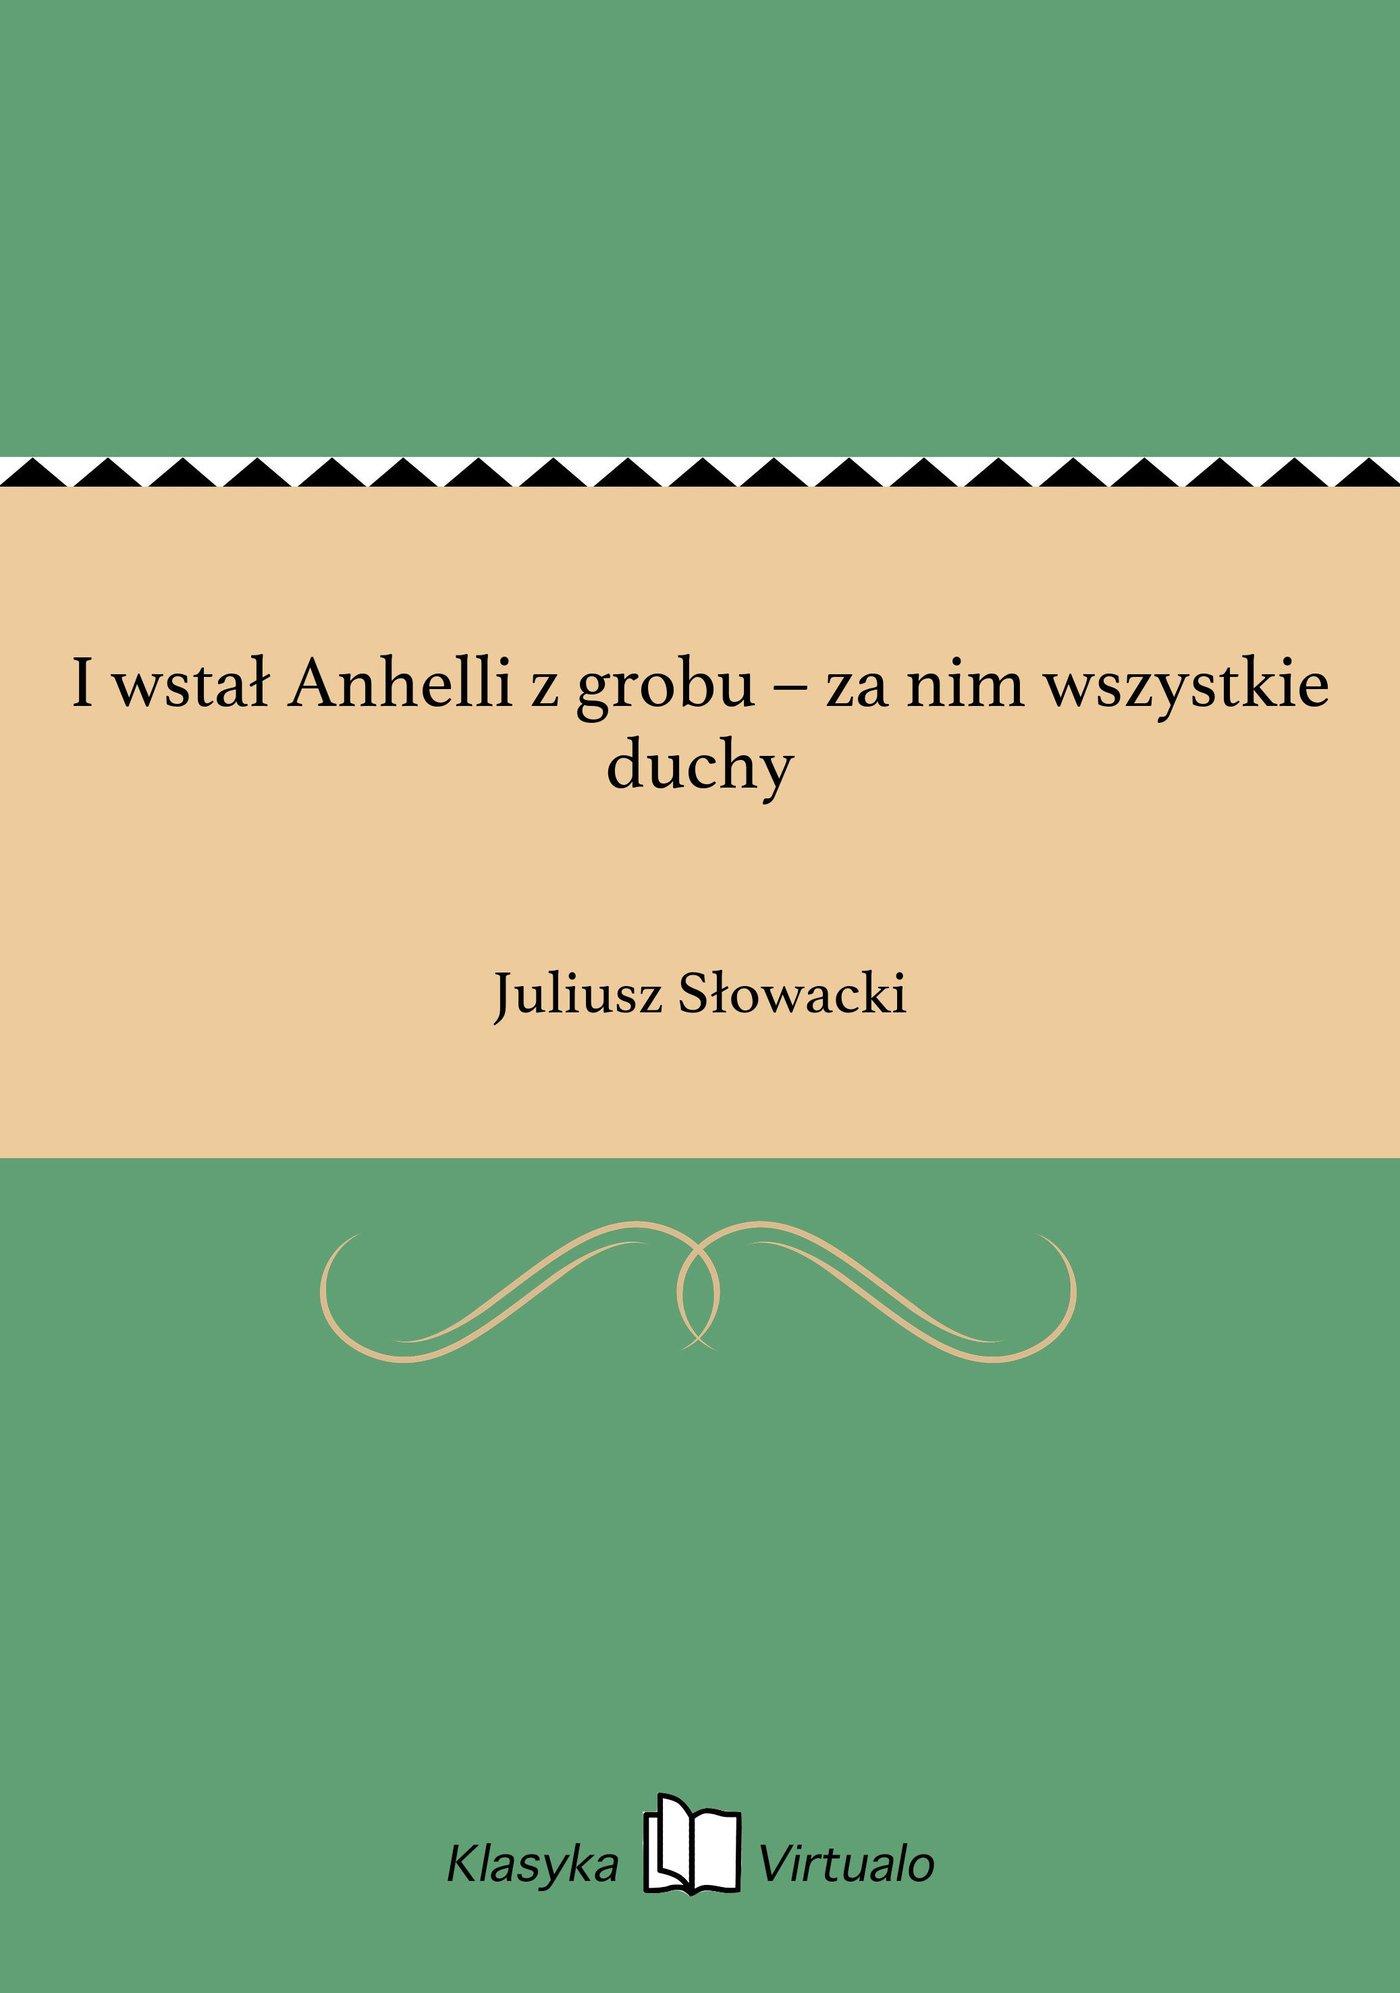 I wstał Anhelli z grobu – za nim wszystkie duchy - Ebook (Książka EPUB) do pobrania w formacie EPUB